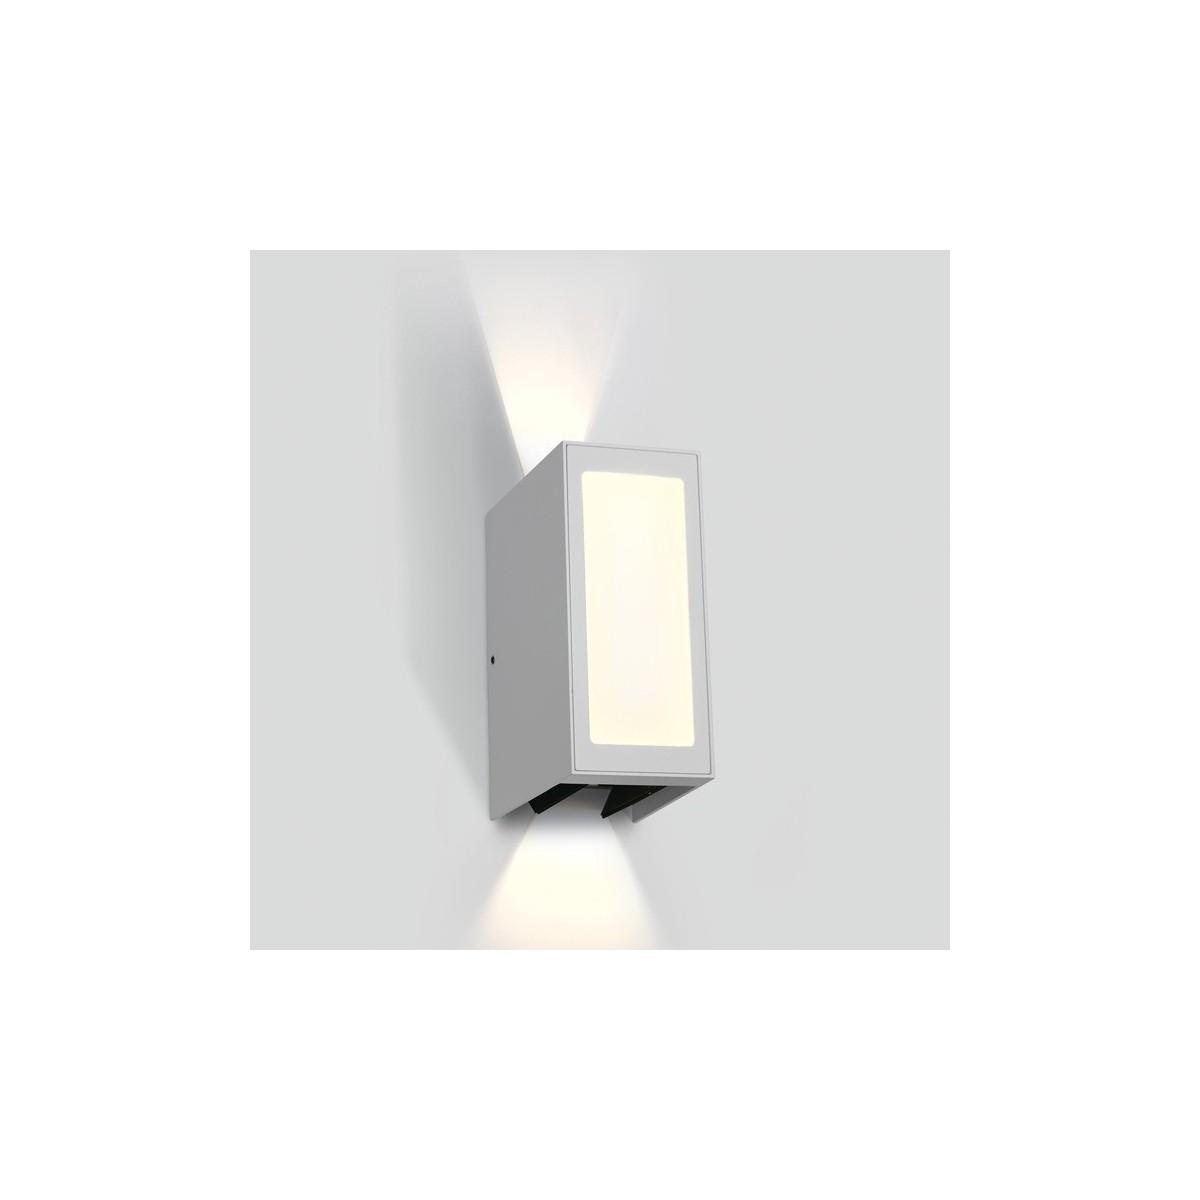 One Light kinkiet światło góra/dół z regulowaną wiązką Zavlani 67440/W/W IP54